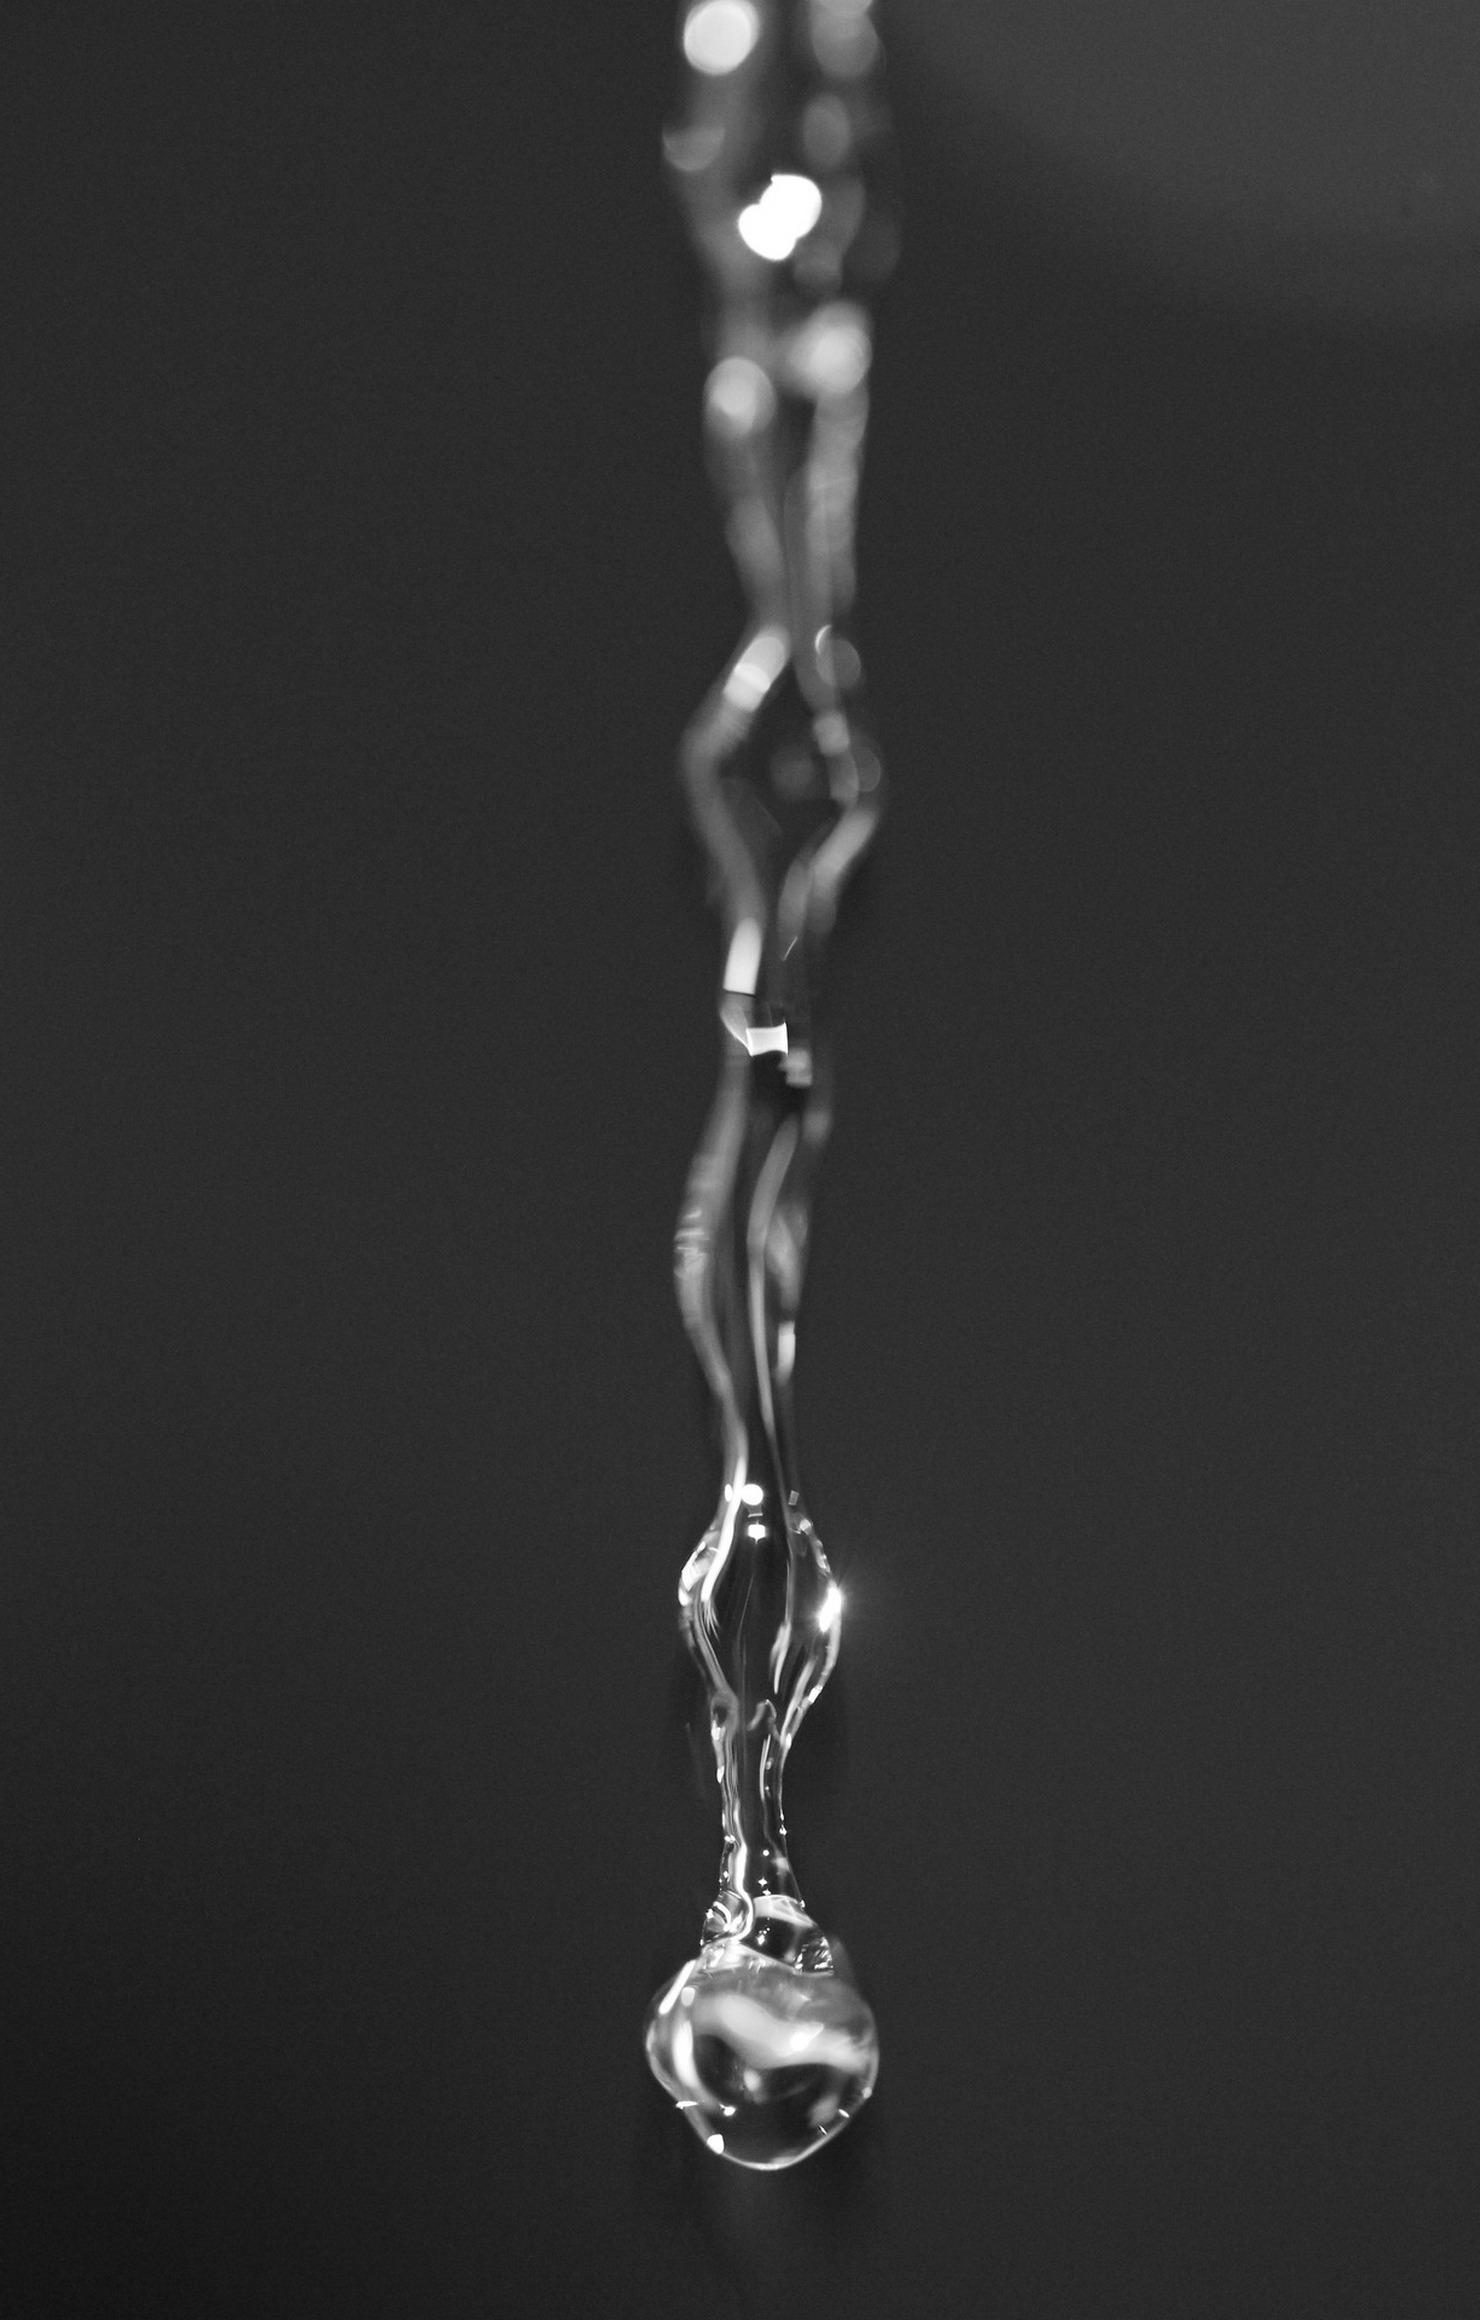 drop water macro wallpaper retina